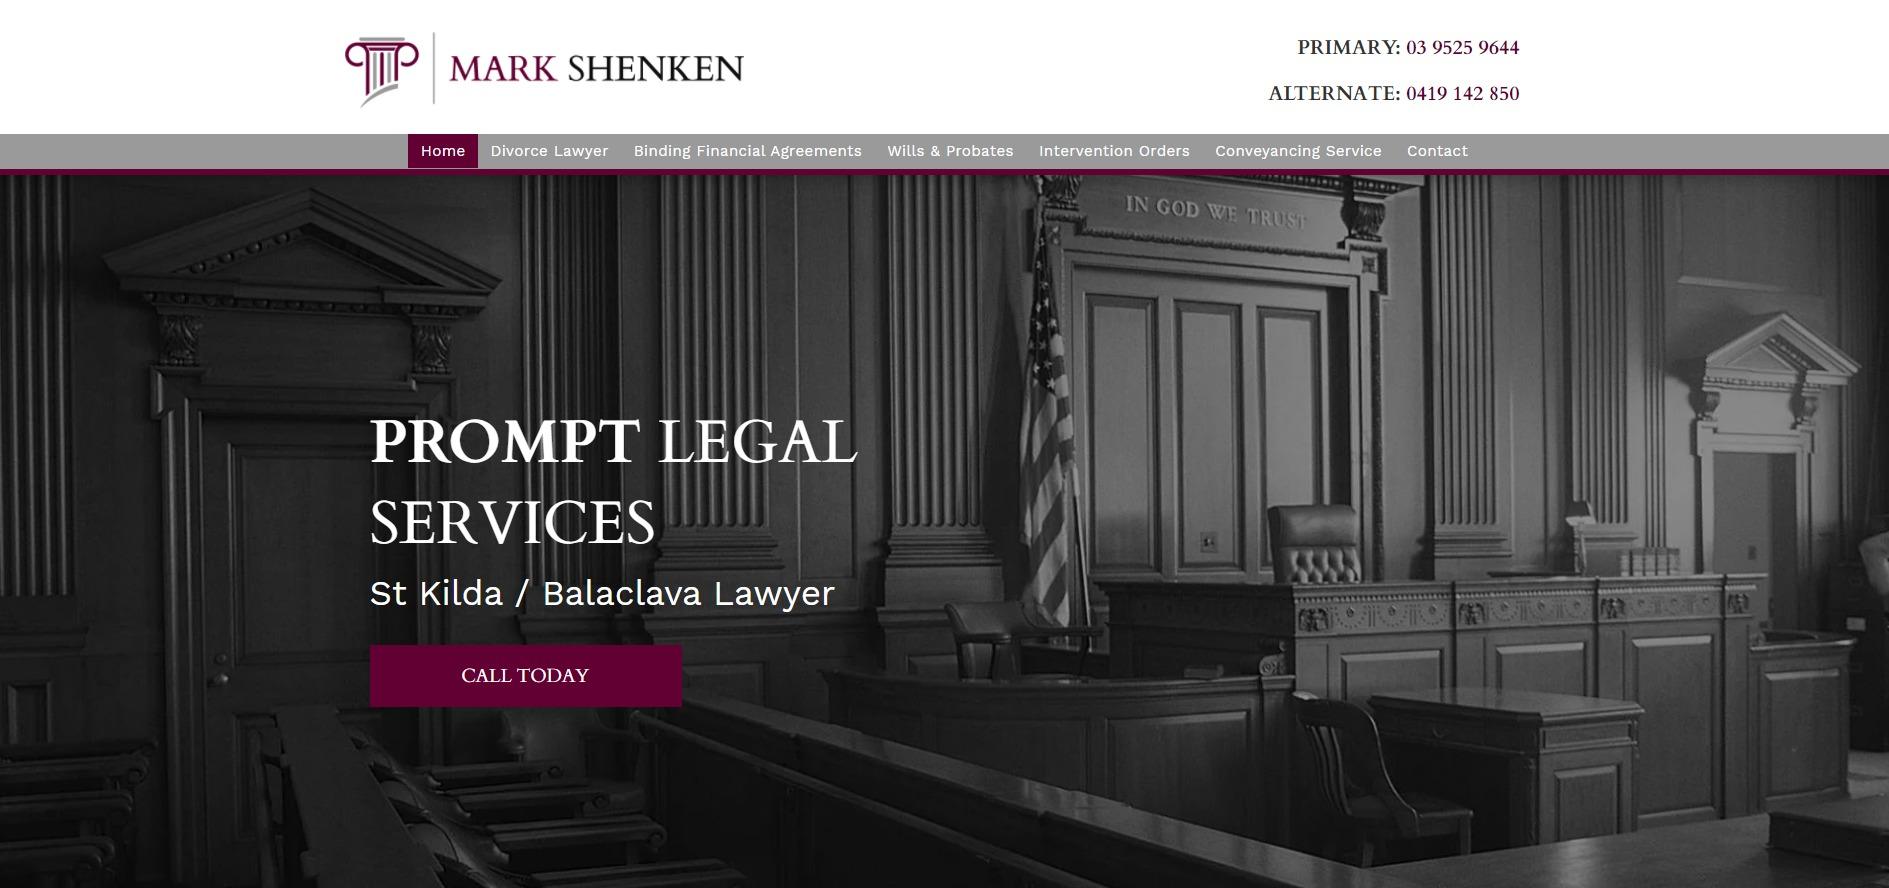 Mark Shenken